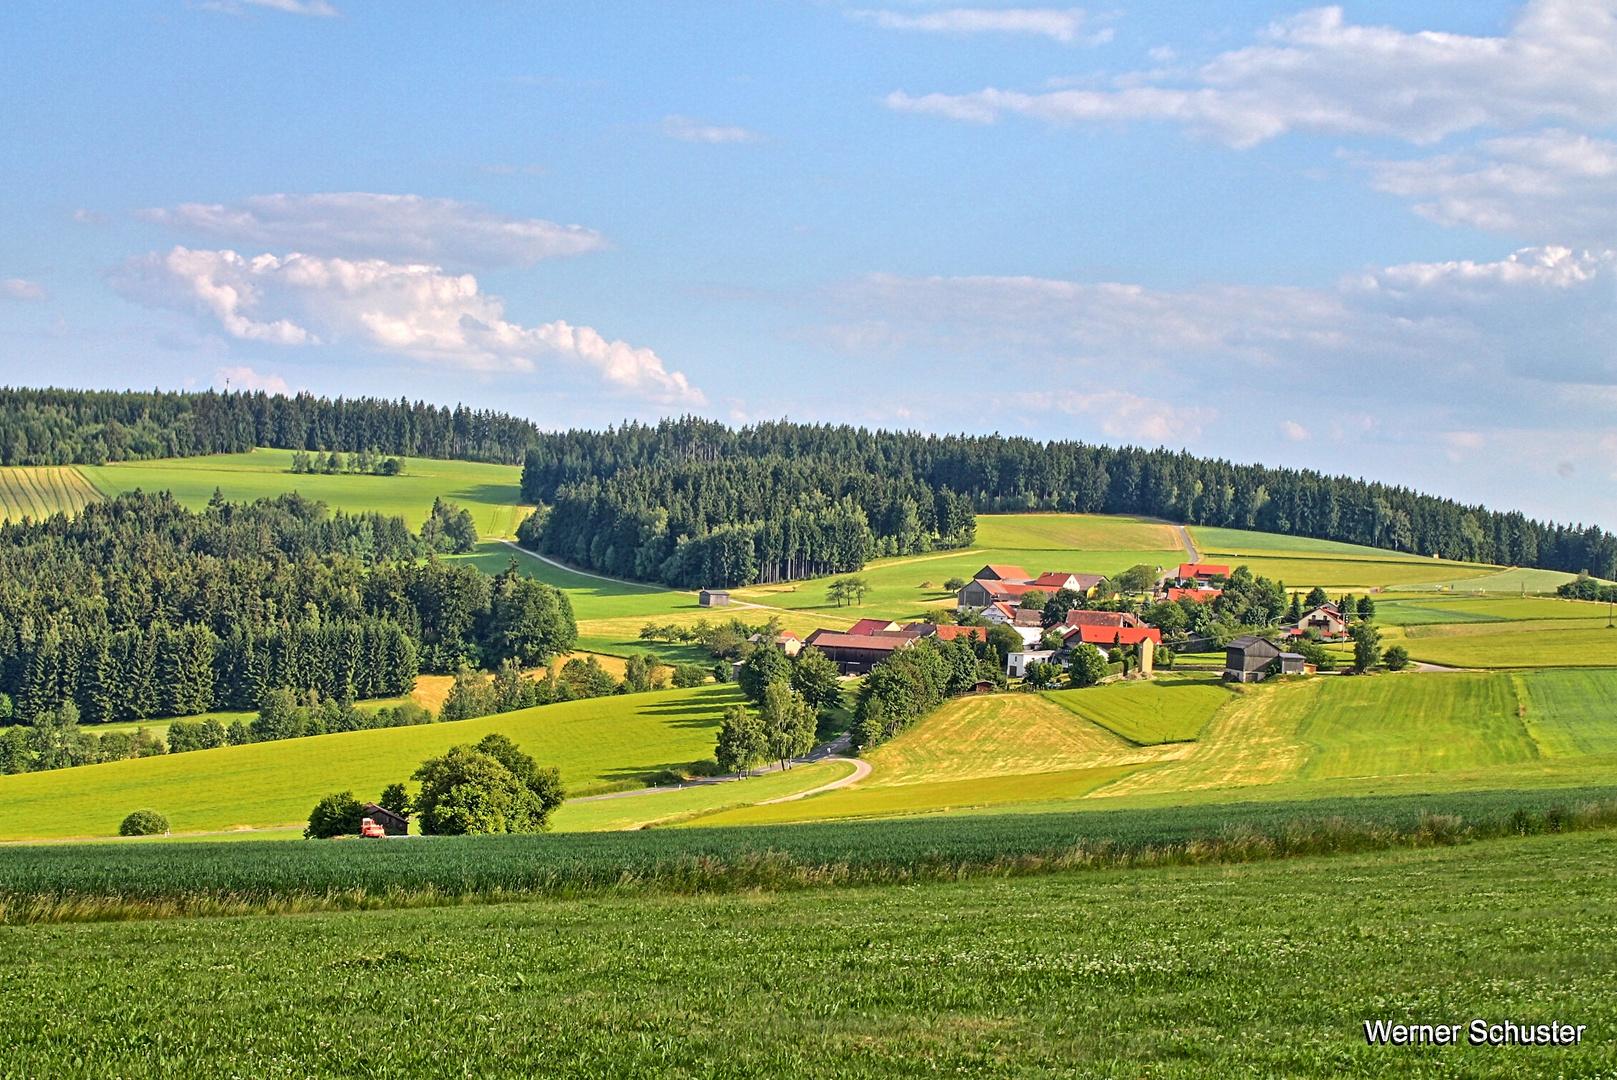 Oberpfälzer Wald und Wiesenland